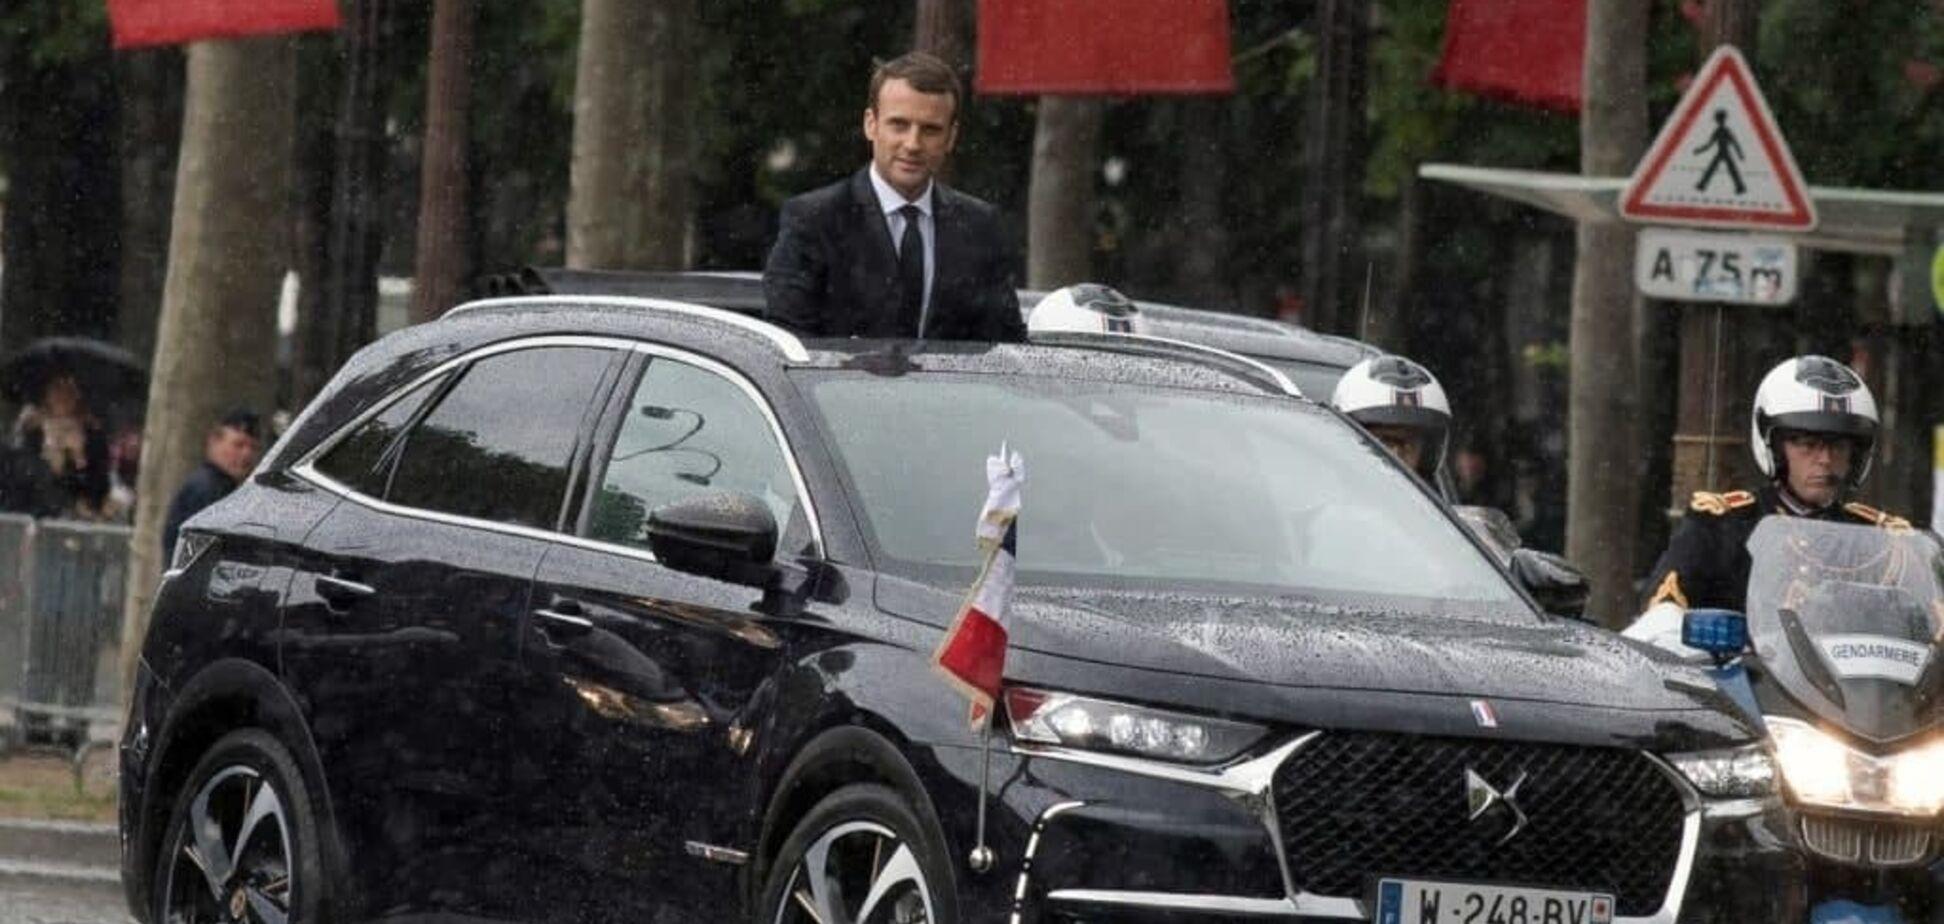 На улицах Киева заметили автомобиль DS 7 Crossback в кортеже, похожем на кортеж президента Франции